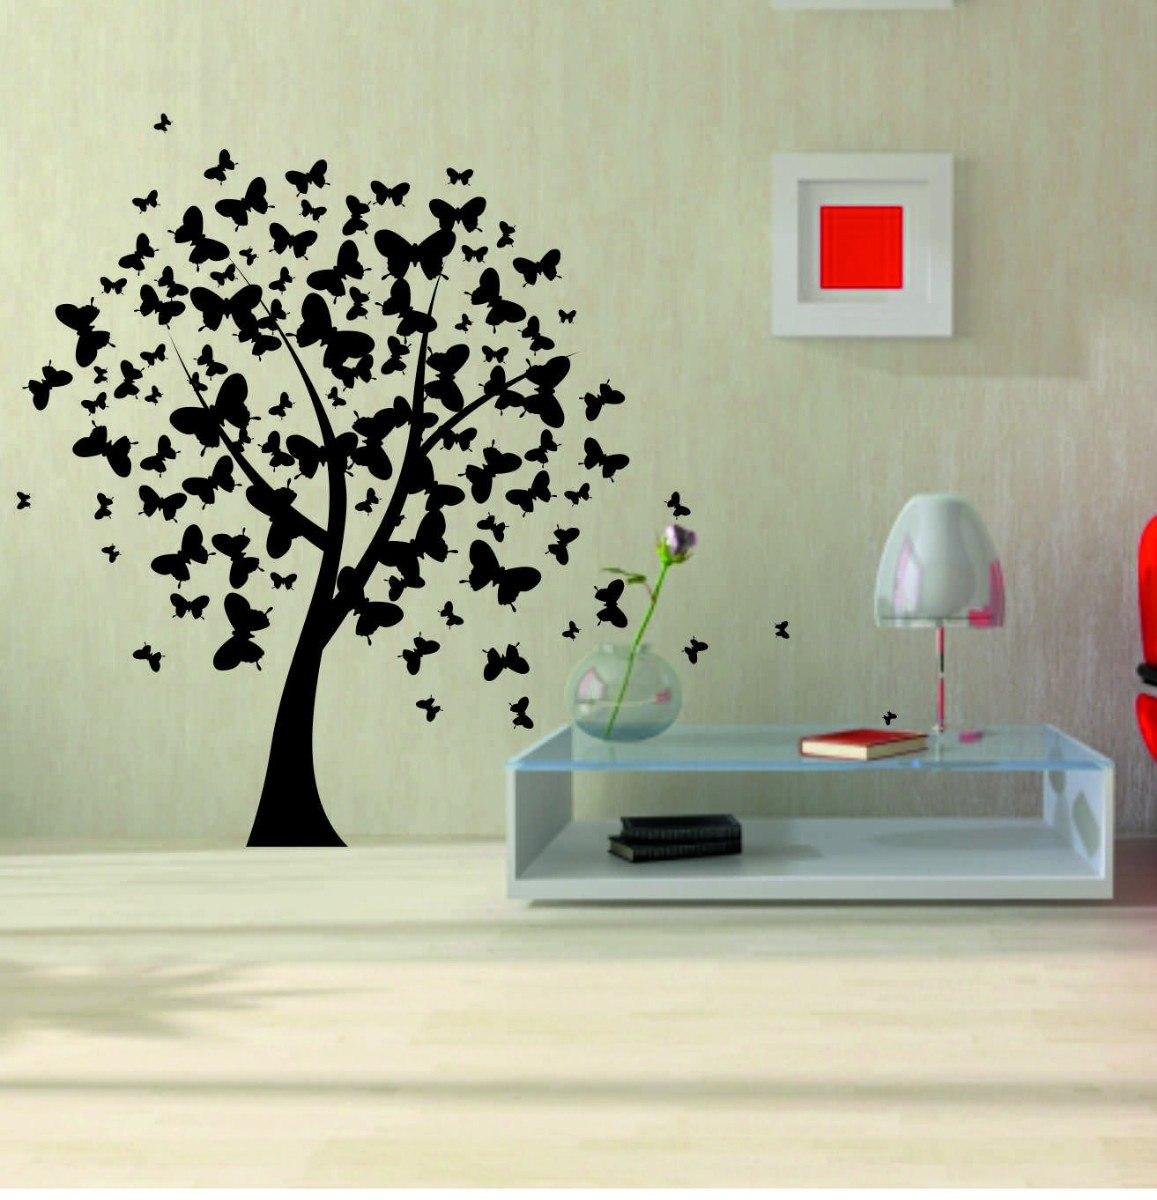 Imagenes de arboles en la pared imagui for En donde venden vinilos decorativos